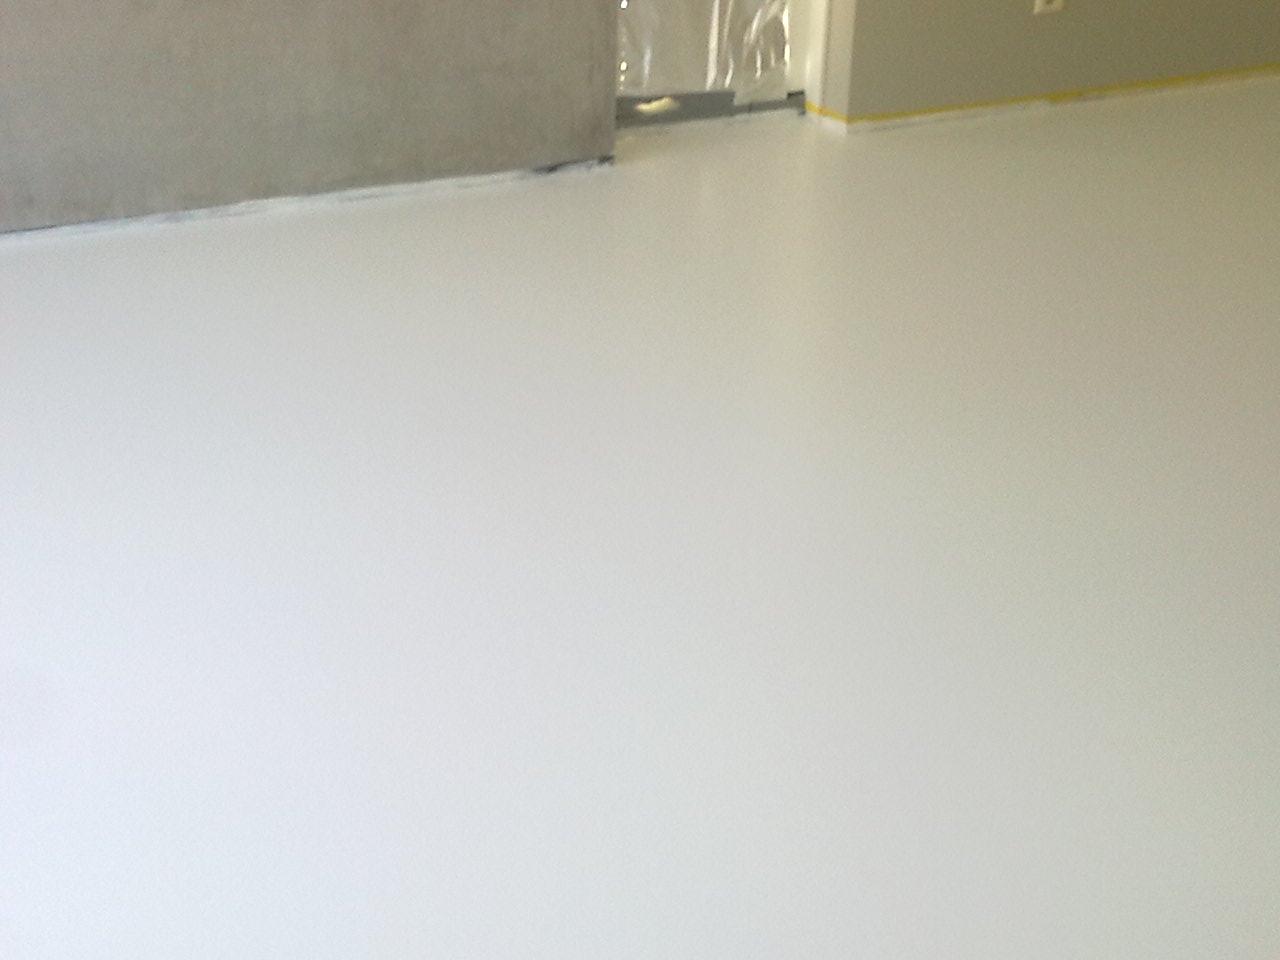 Witte gietvloer in een slaapkamer pimp uw vloer